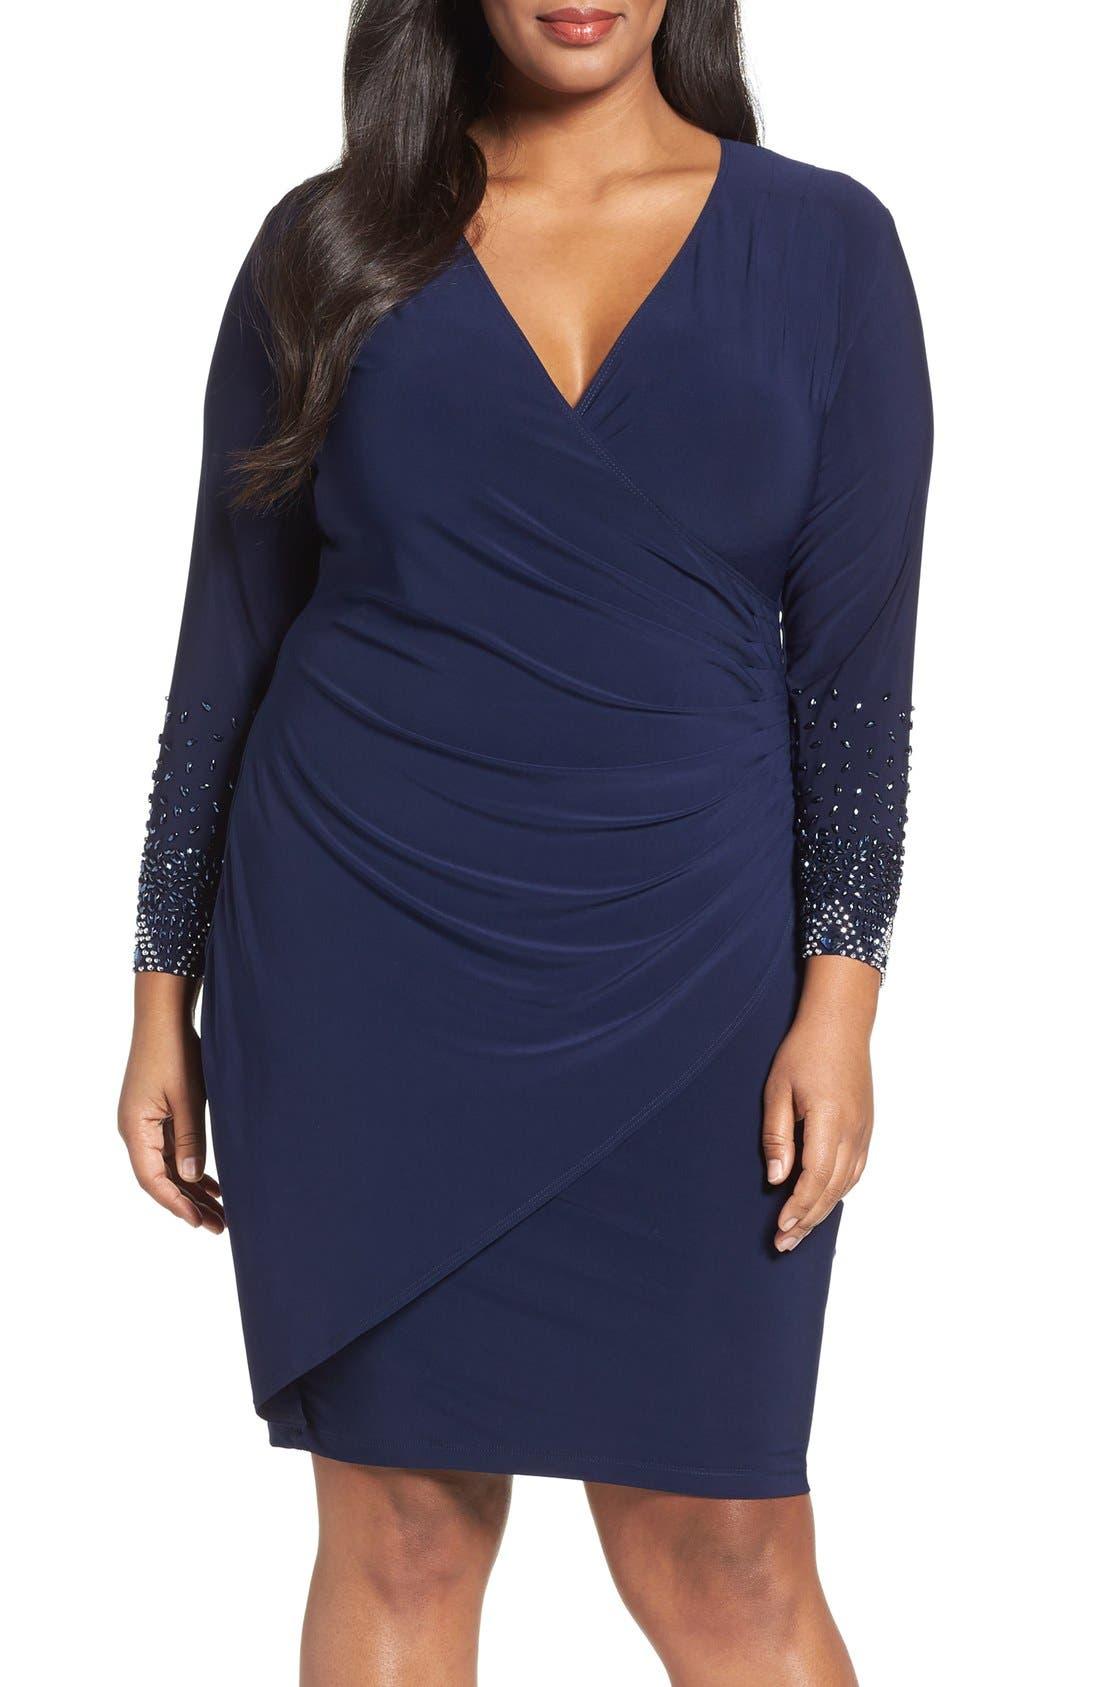 Main Image - Marina Embellished Faux Wrap Dress (Plus Size)